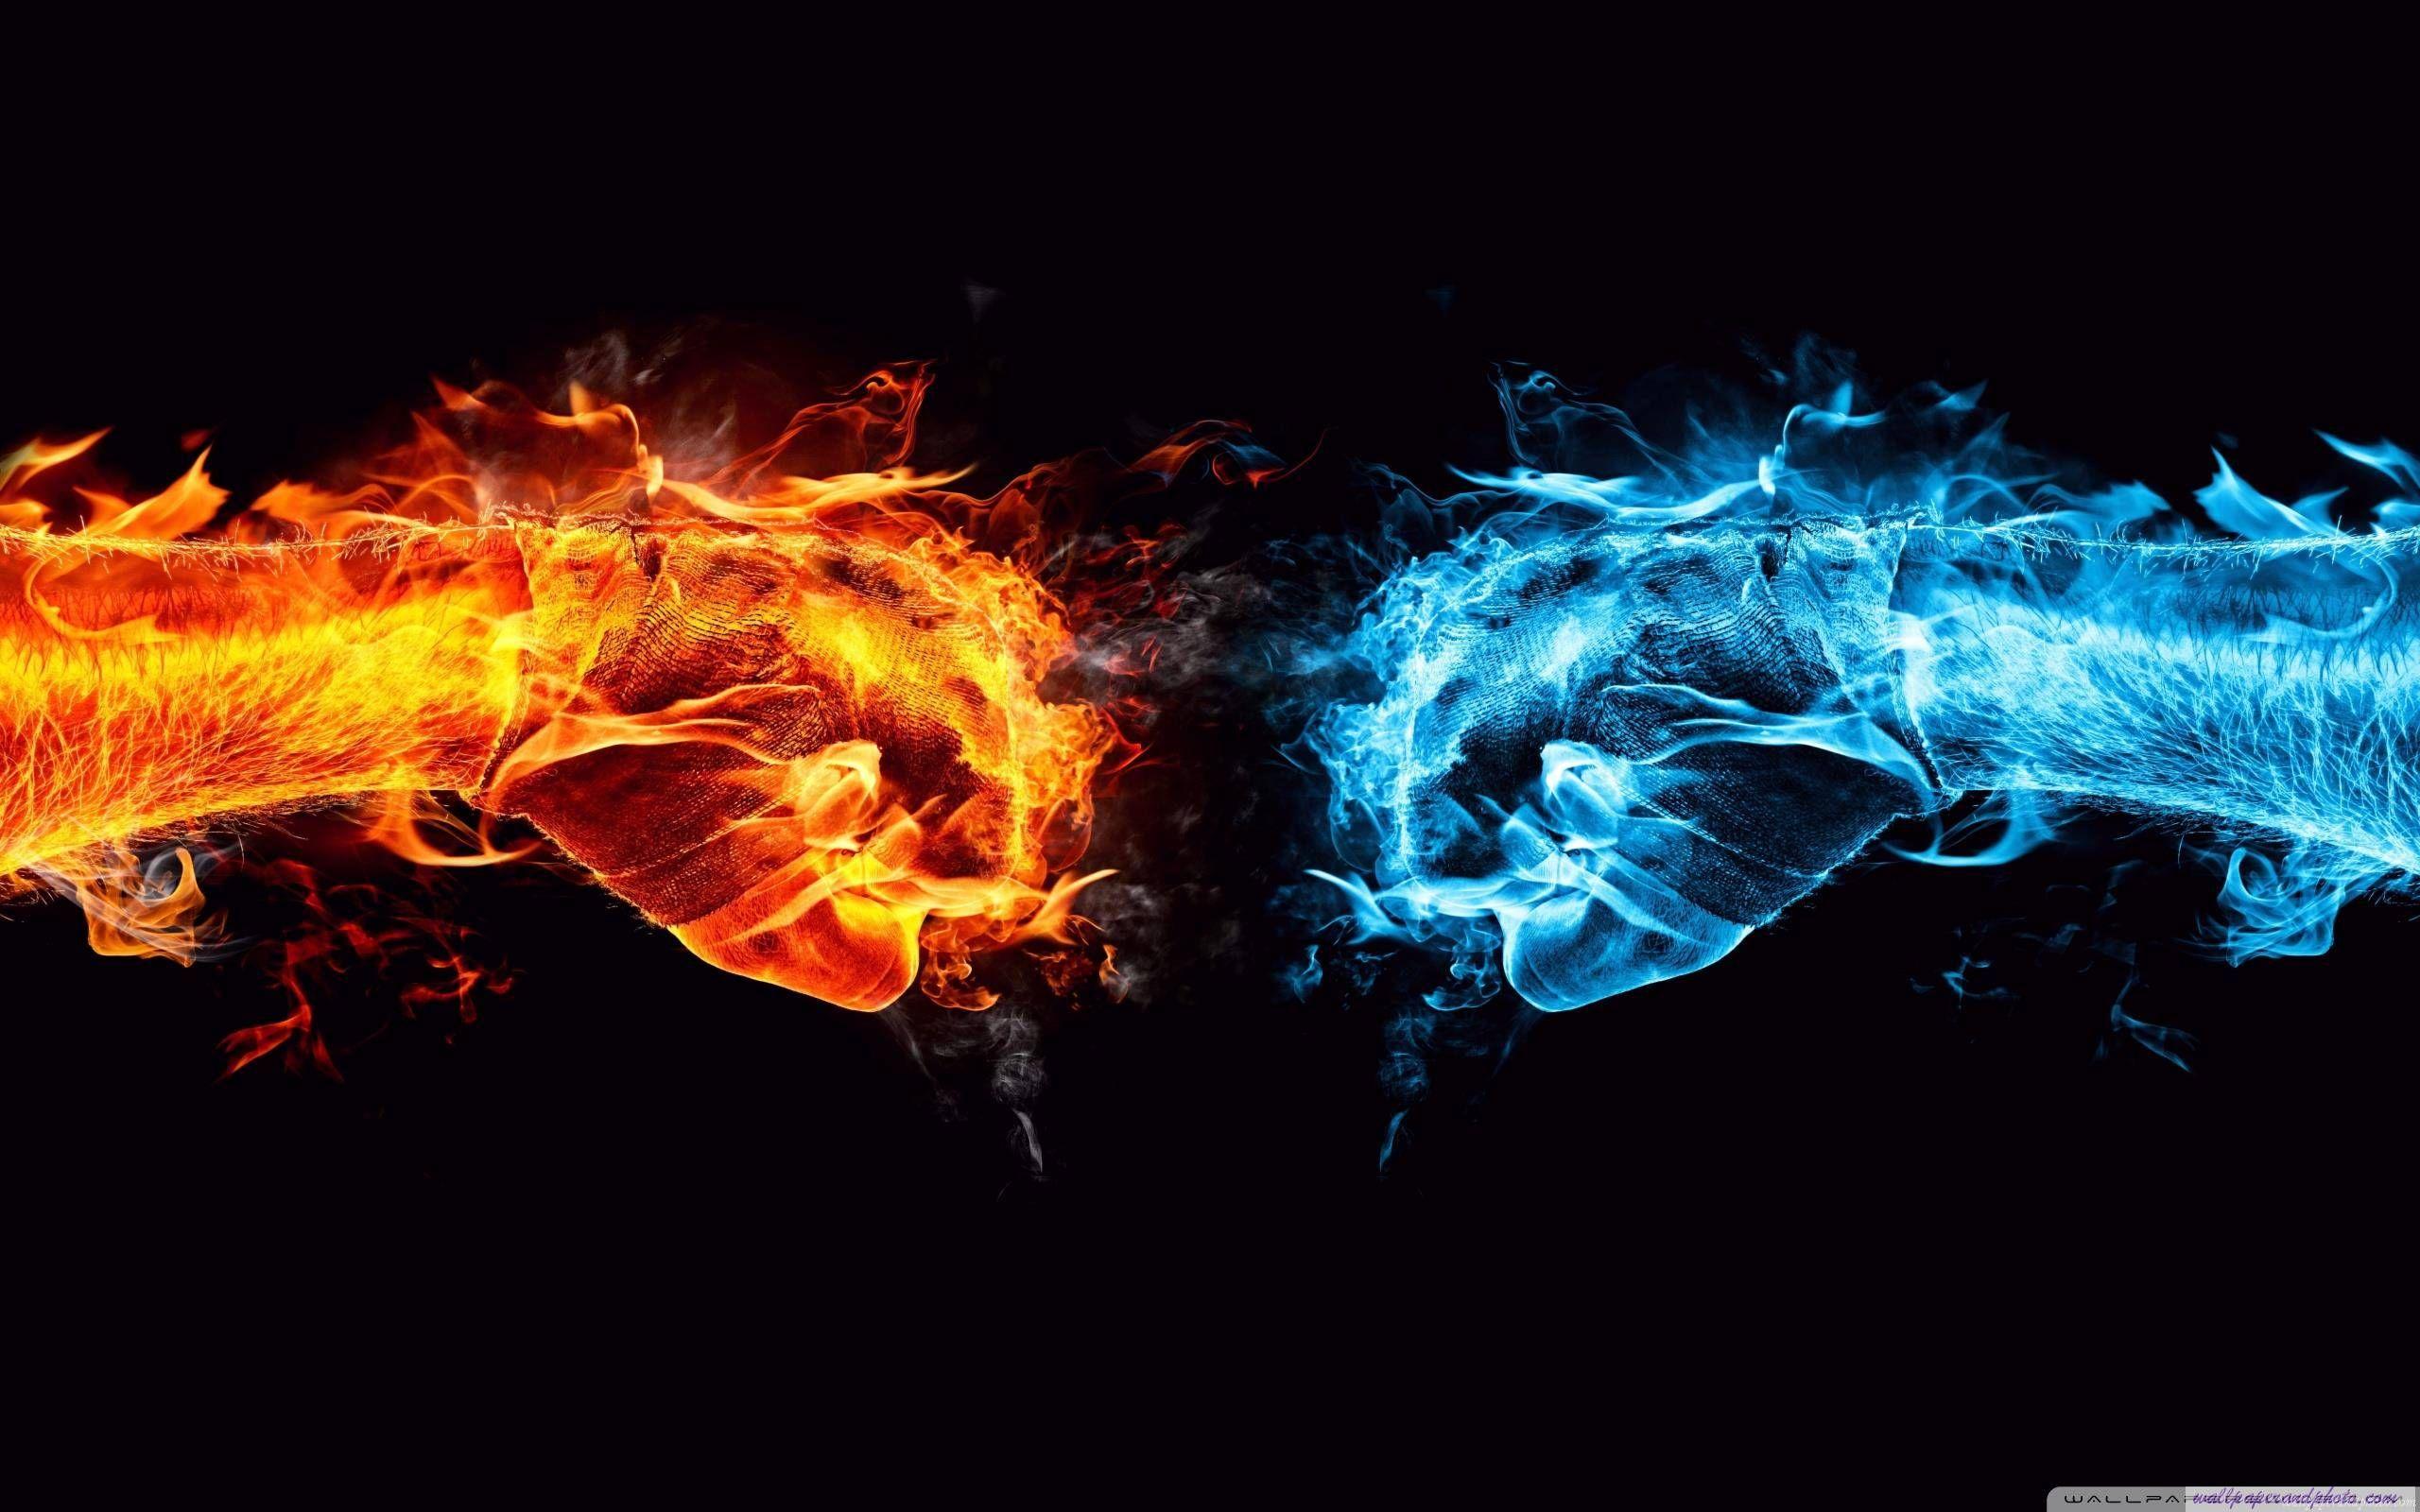 火の拳対水の拳hd 16:9 16:10デスクトップの壁紙 | vs | pinterest